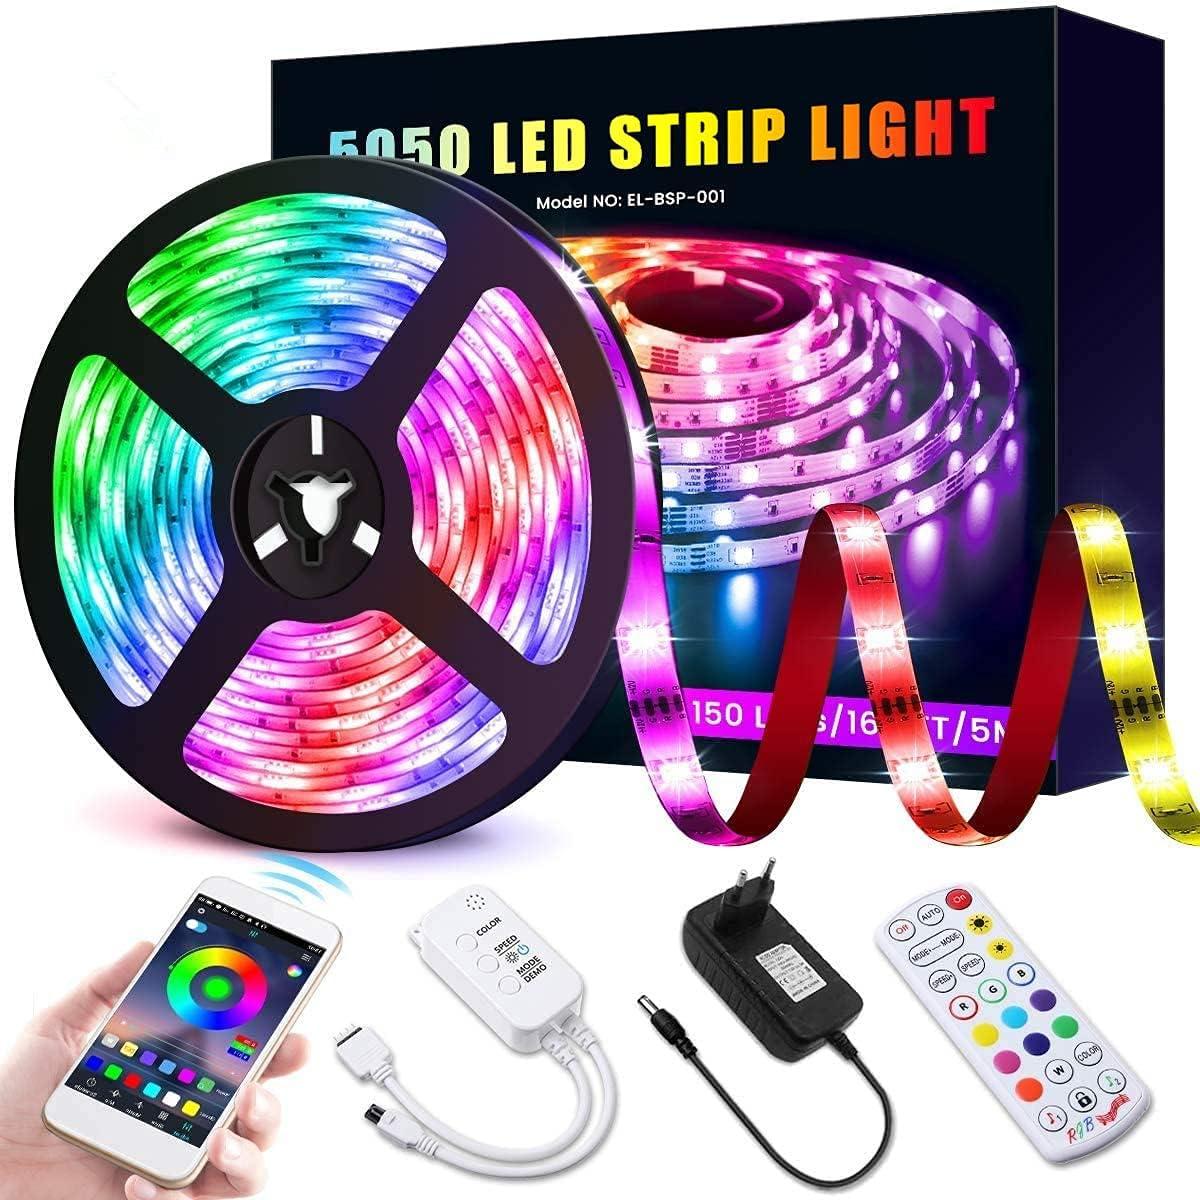 Tira LED 5M, Tiras de Luces LED Bluetooth RGB 5050 Control por APP y Remoto de 24 Teclas Combio de Color de Música Inteligente 12V 2A Kit de Tiras LED para Hogar Dormitorio Fiesta Cocina Bar